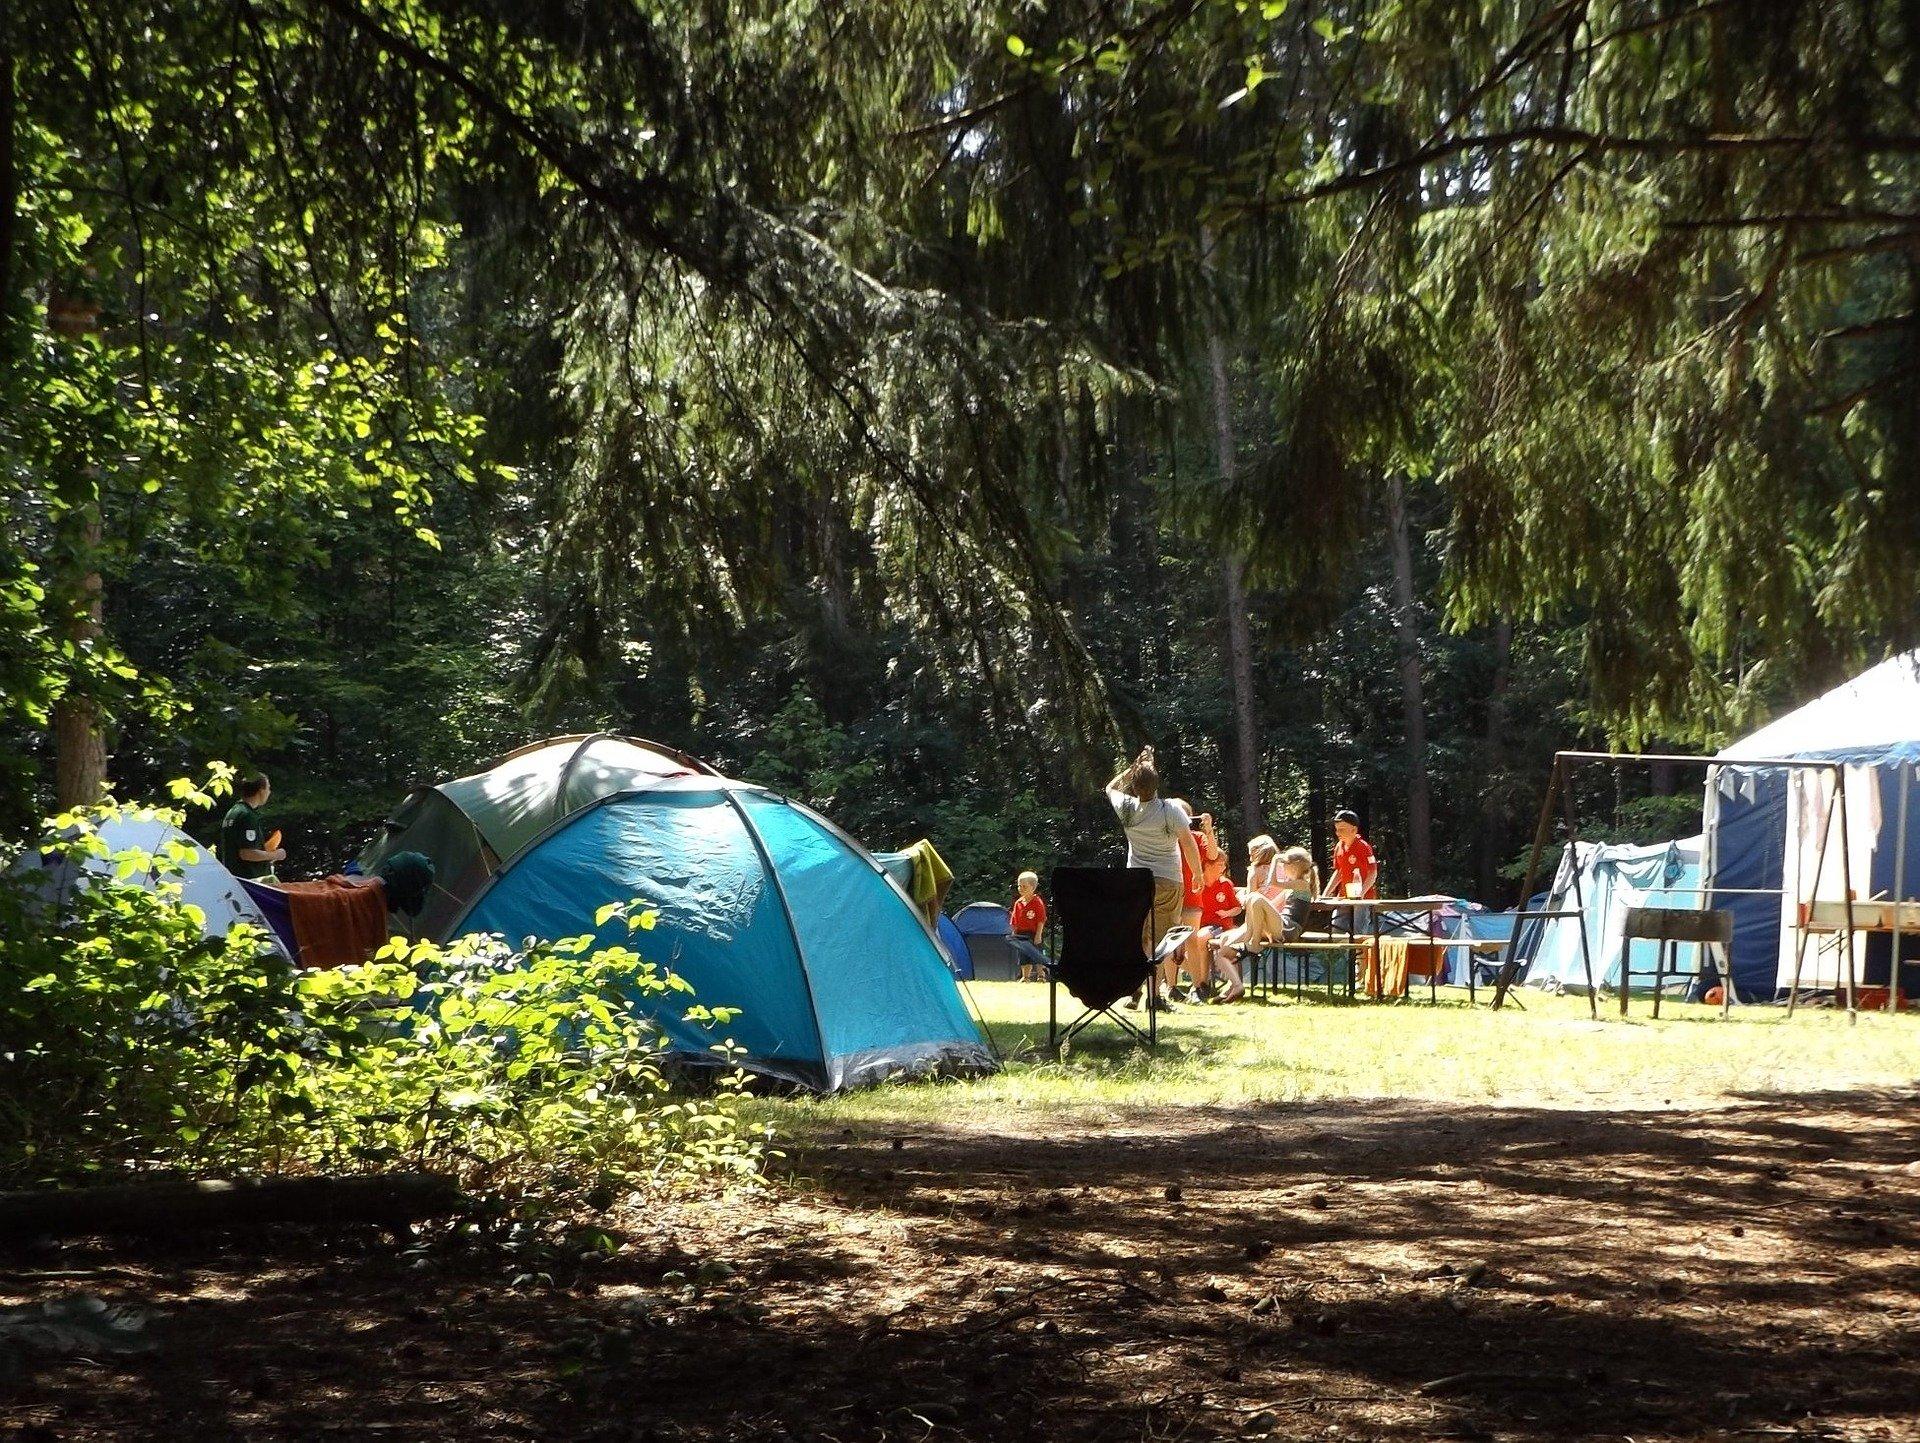 Stubbekøbing Camping & Feriecenter